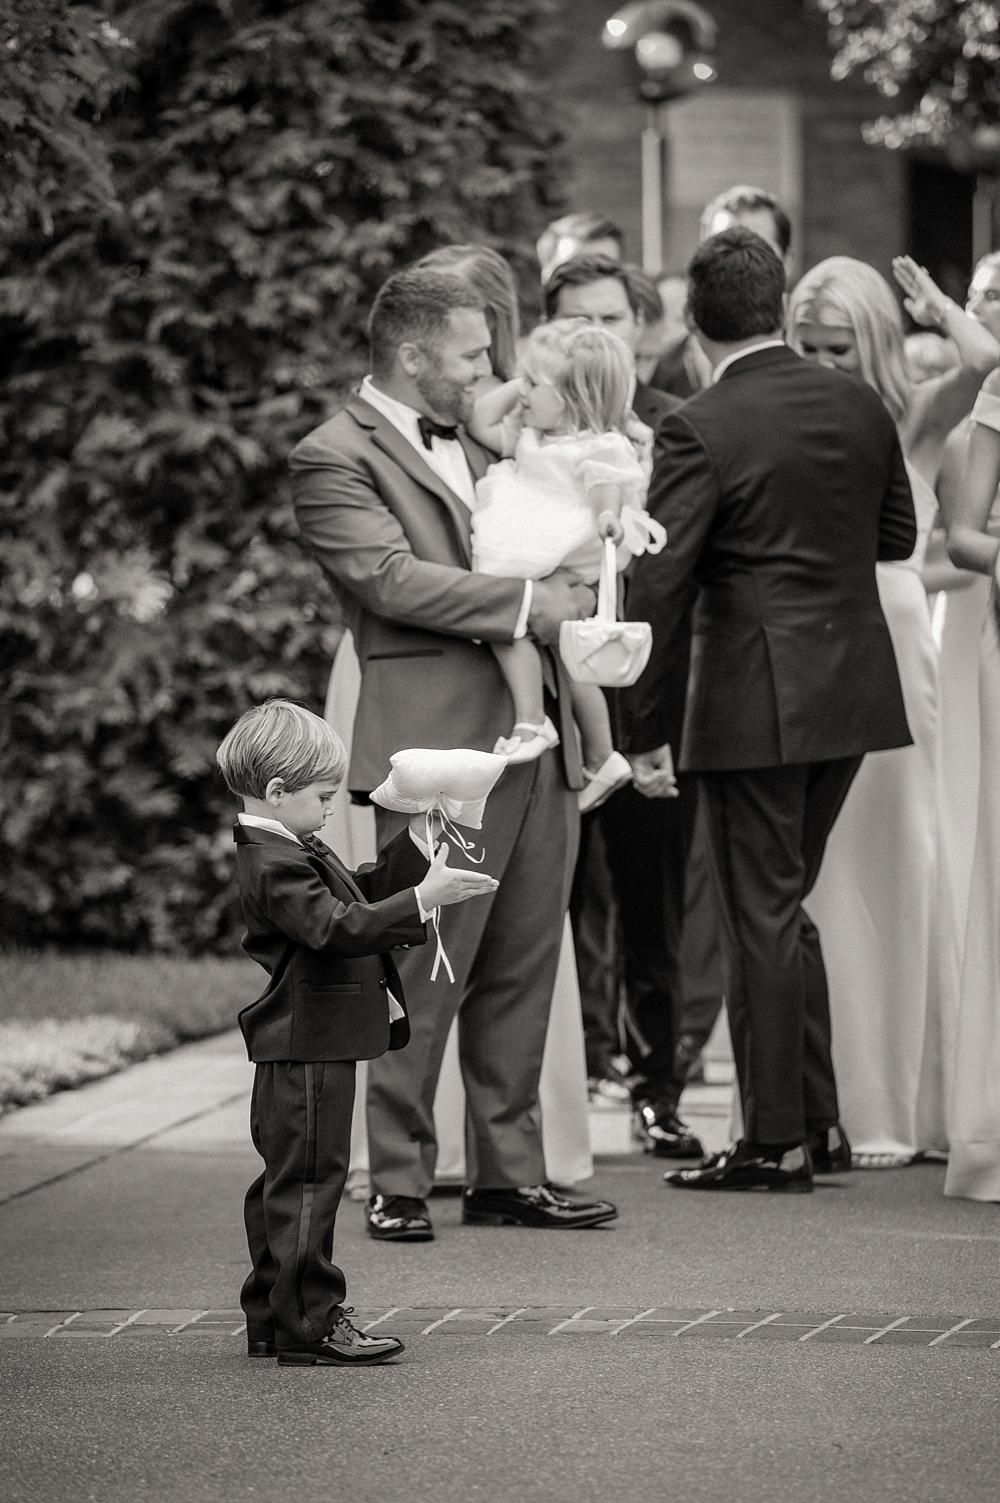 kristin-la-voie-photography-Chicago-Botanic-Garden-Wedding-8-29-21-224